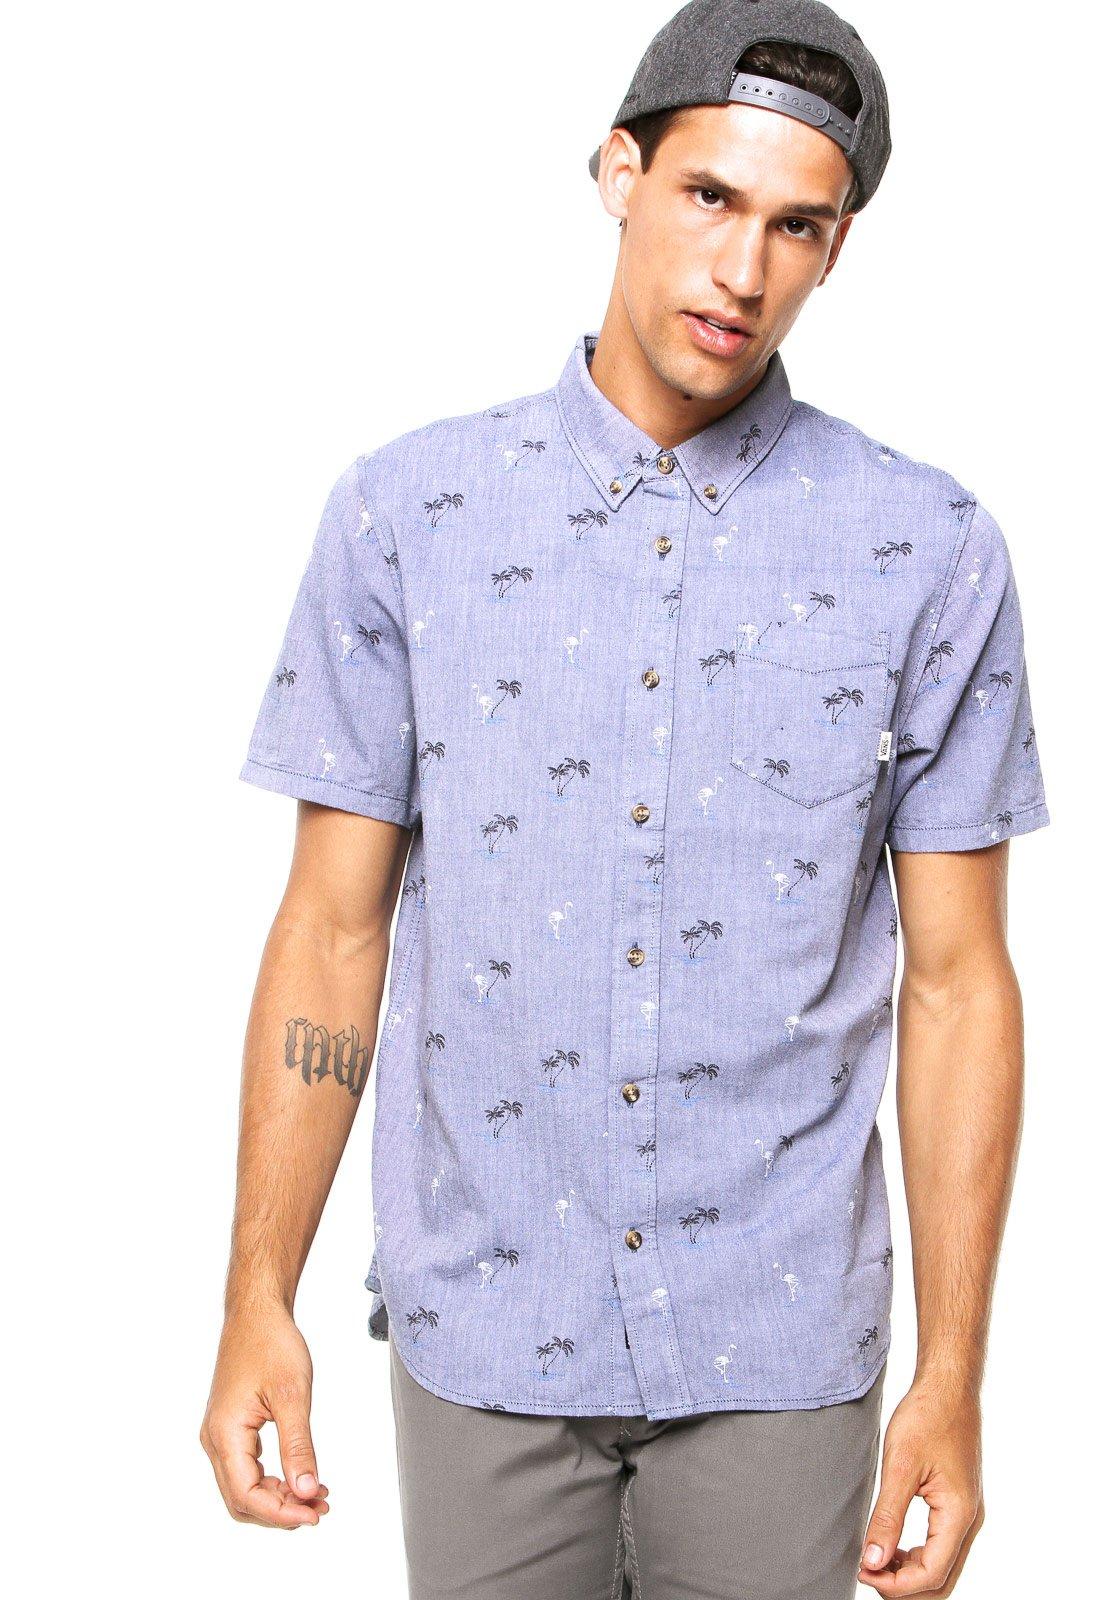 Camisa Sarja Manga Curta Vans Houser Flamingo Azul - Compre Agora ... 32e08bd0ce5